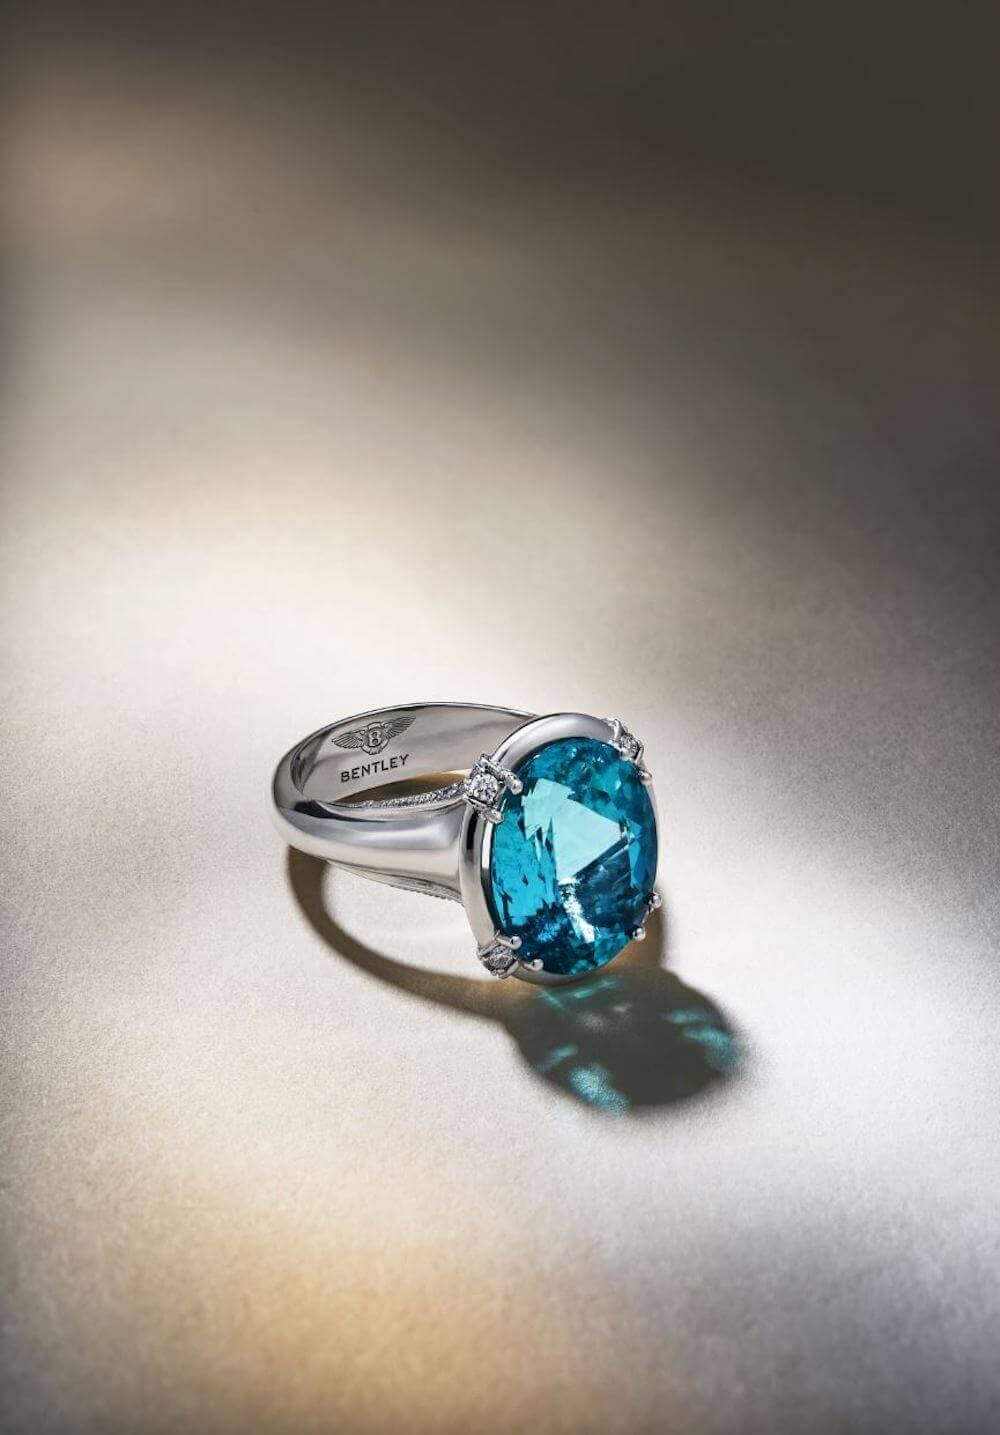 bentley mücevher koleksiyonu foto